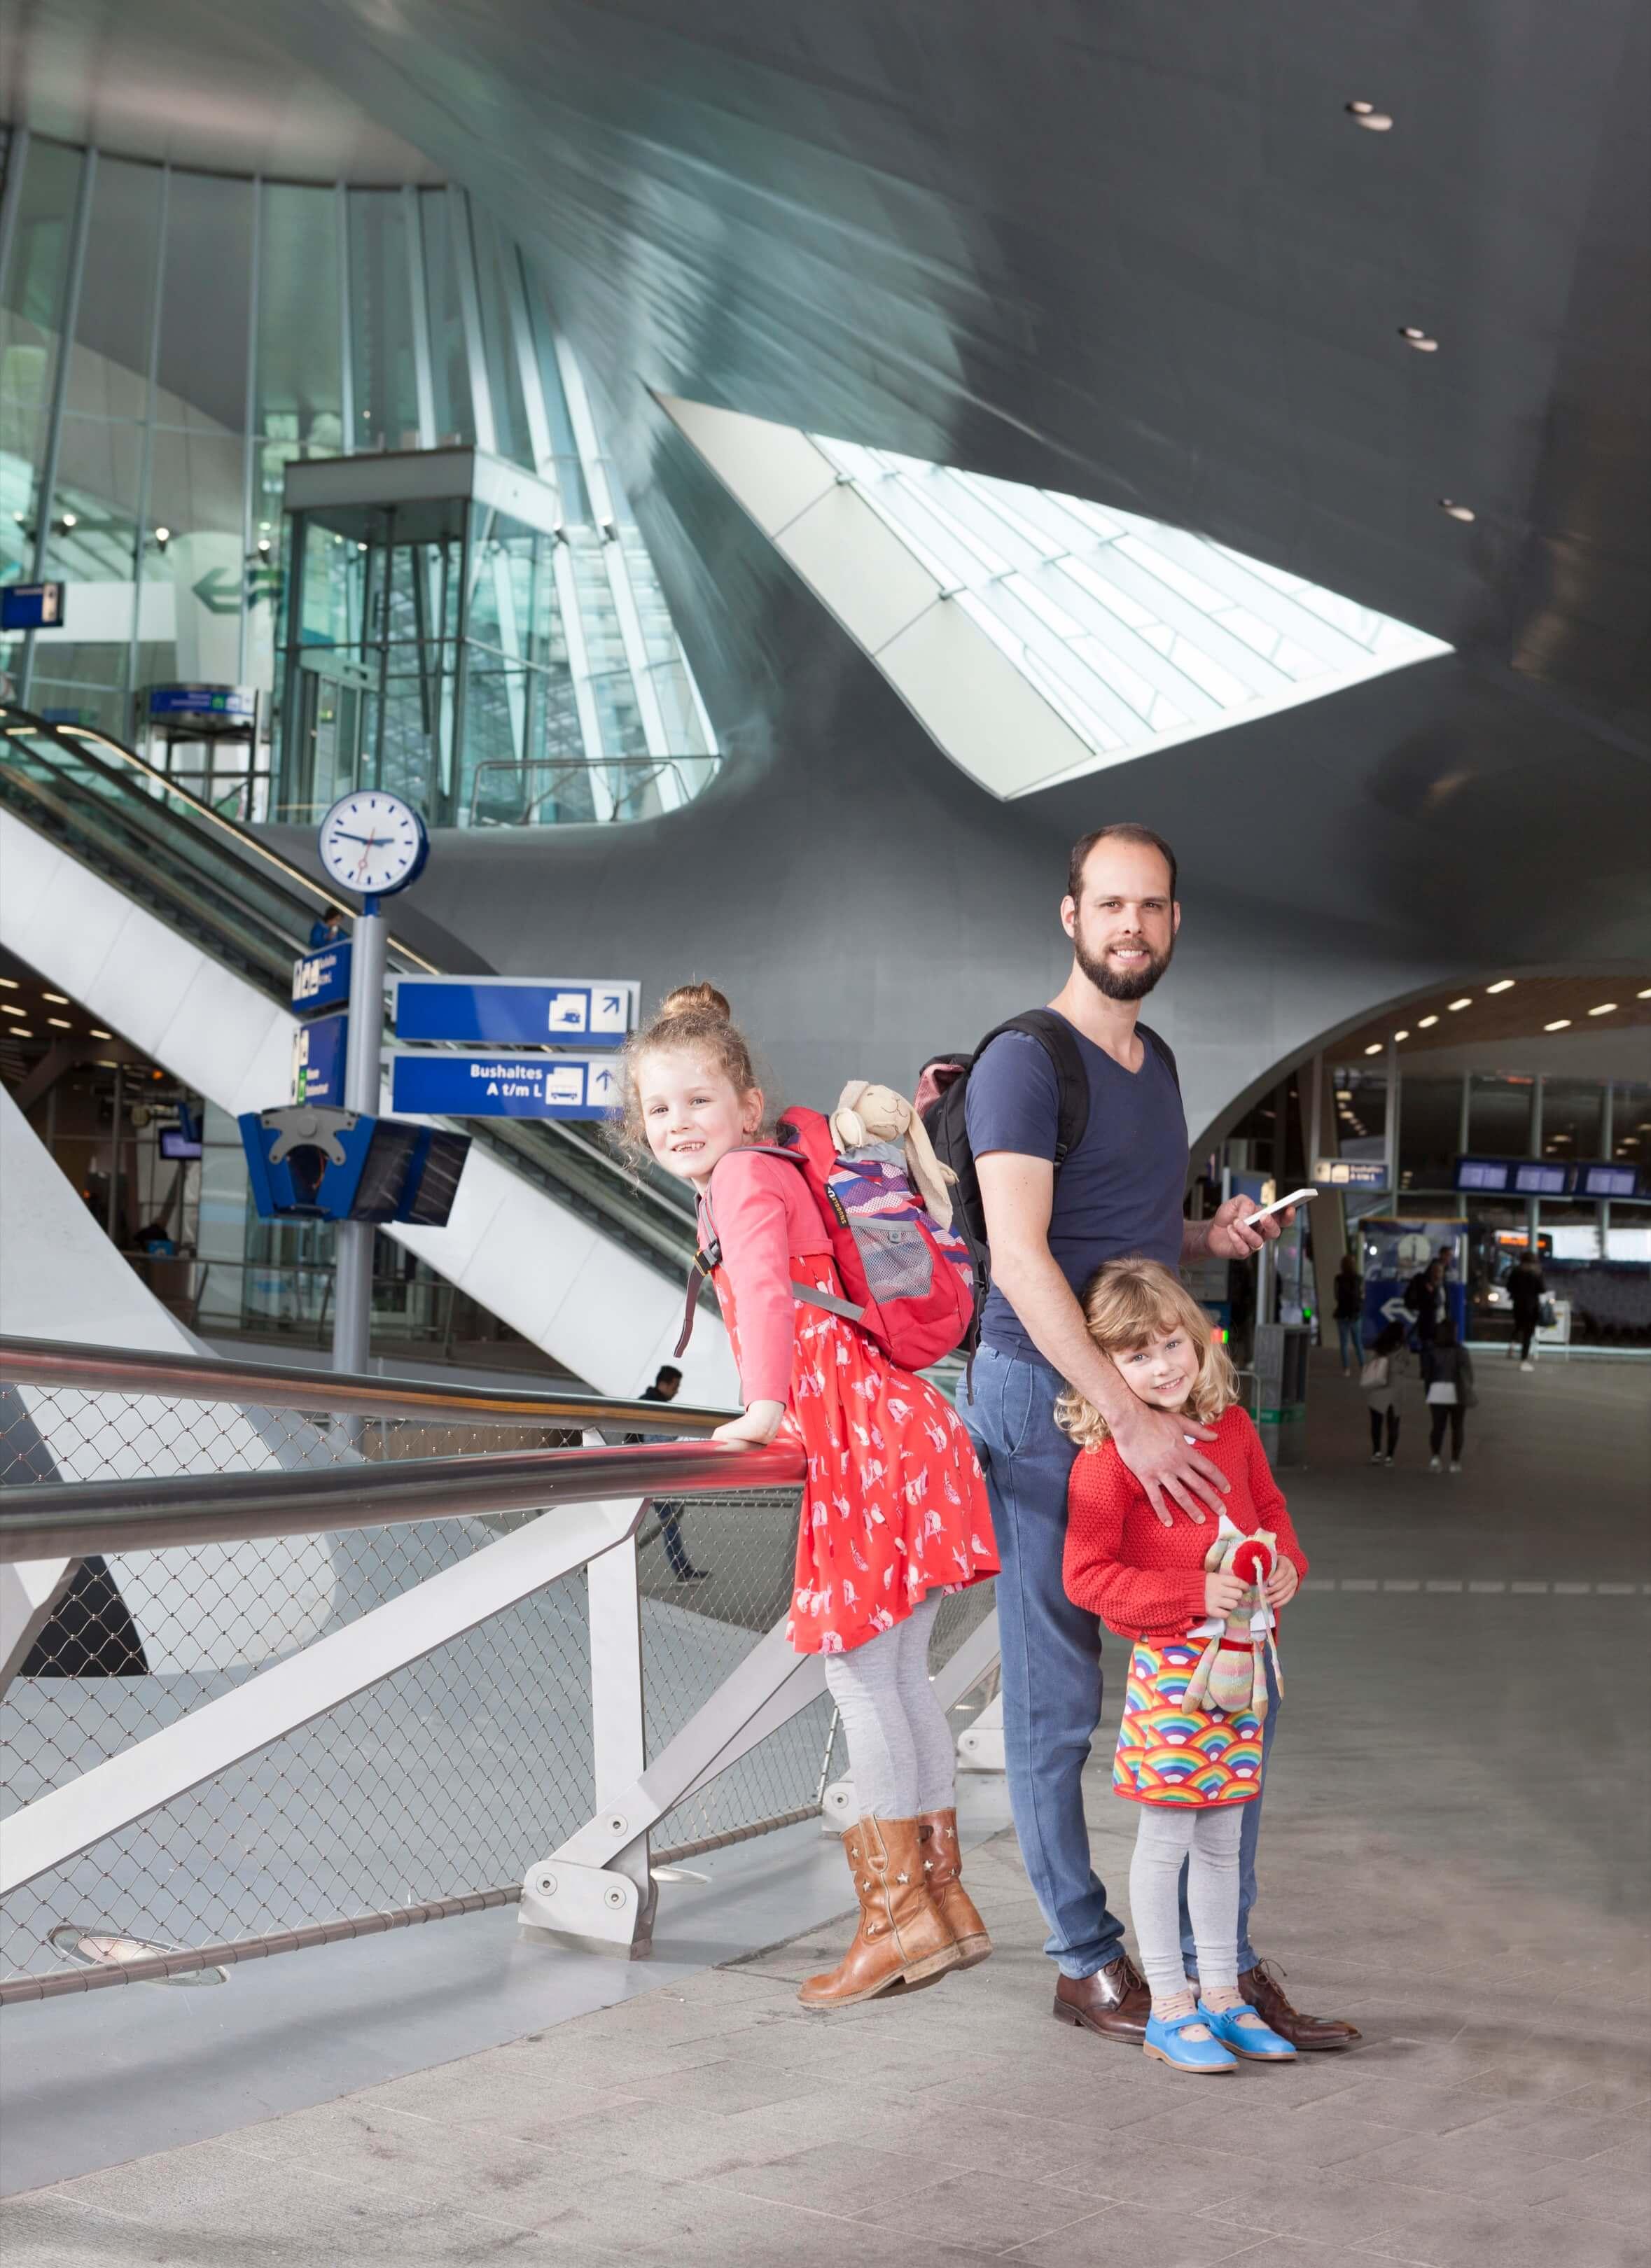 Jurjen Poeles fotografie Gloedcommunicatie gloed communicatie Abellio cover magazine the Abellio way trein spoorwegen station Arnhem Centraal gezin kind op reis cover